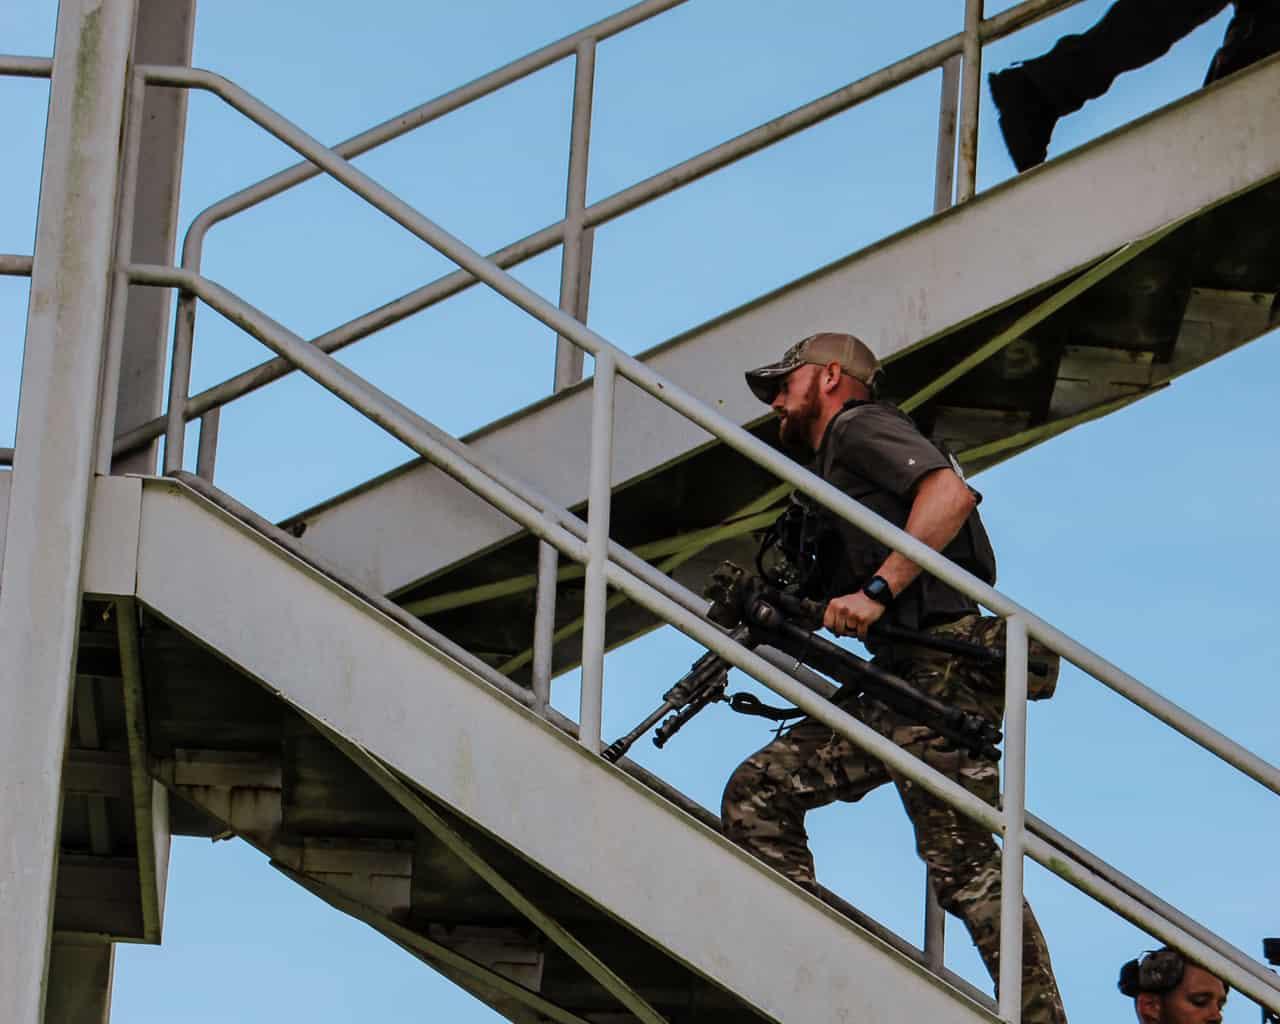 urban-sniper-response-tactics-course-7